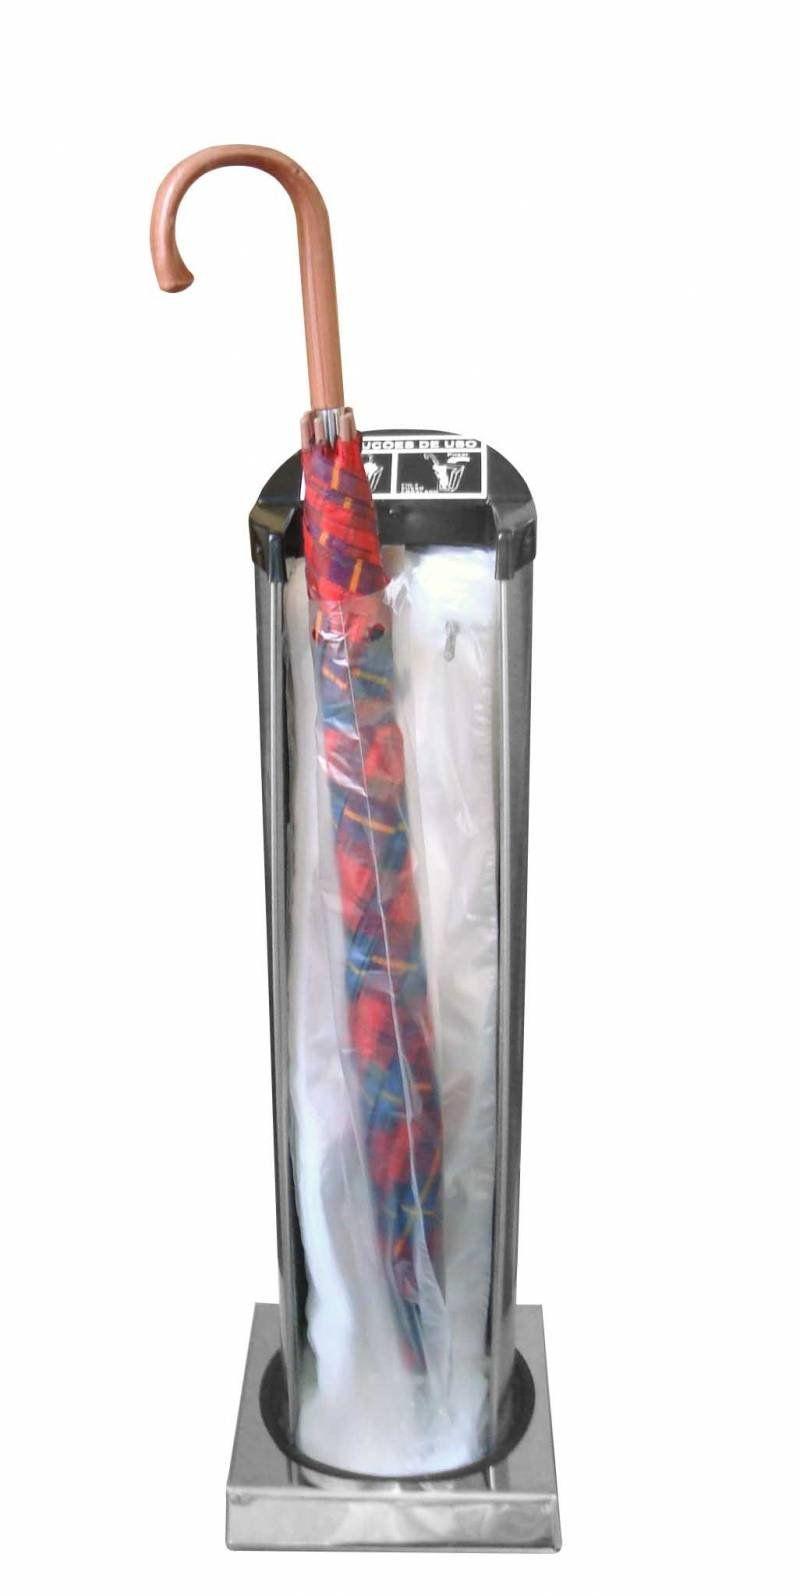 Embalador de Guarda Chuva Clean Inox - Sekura